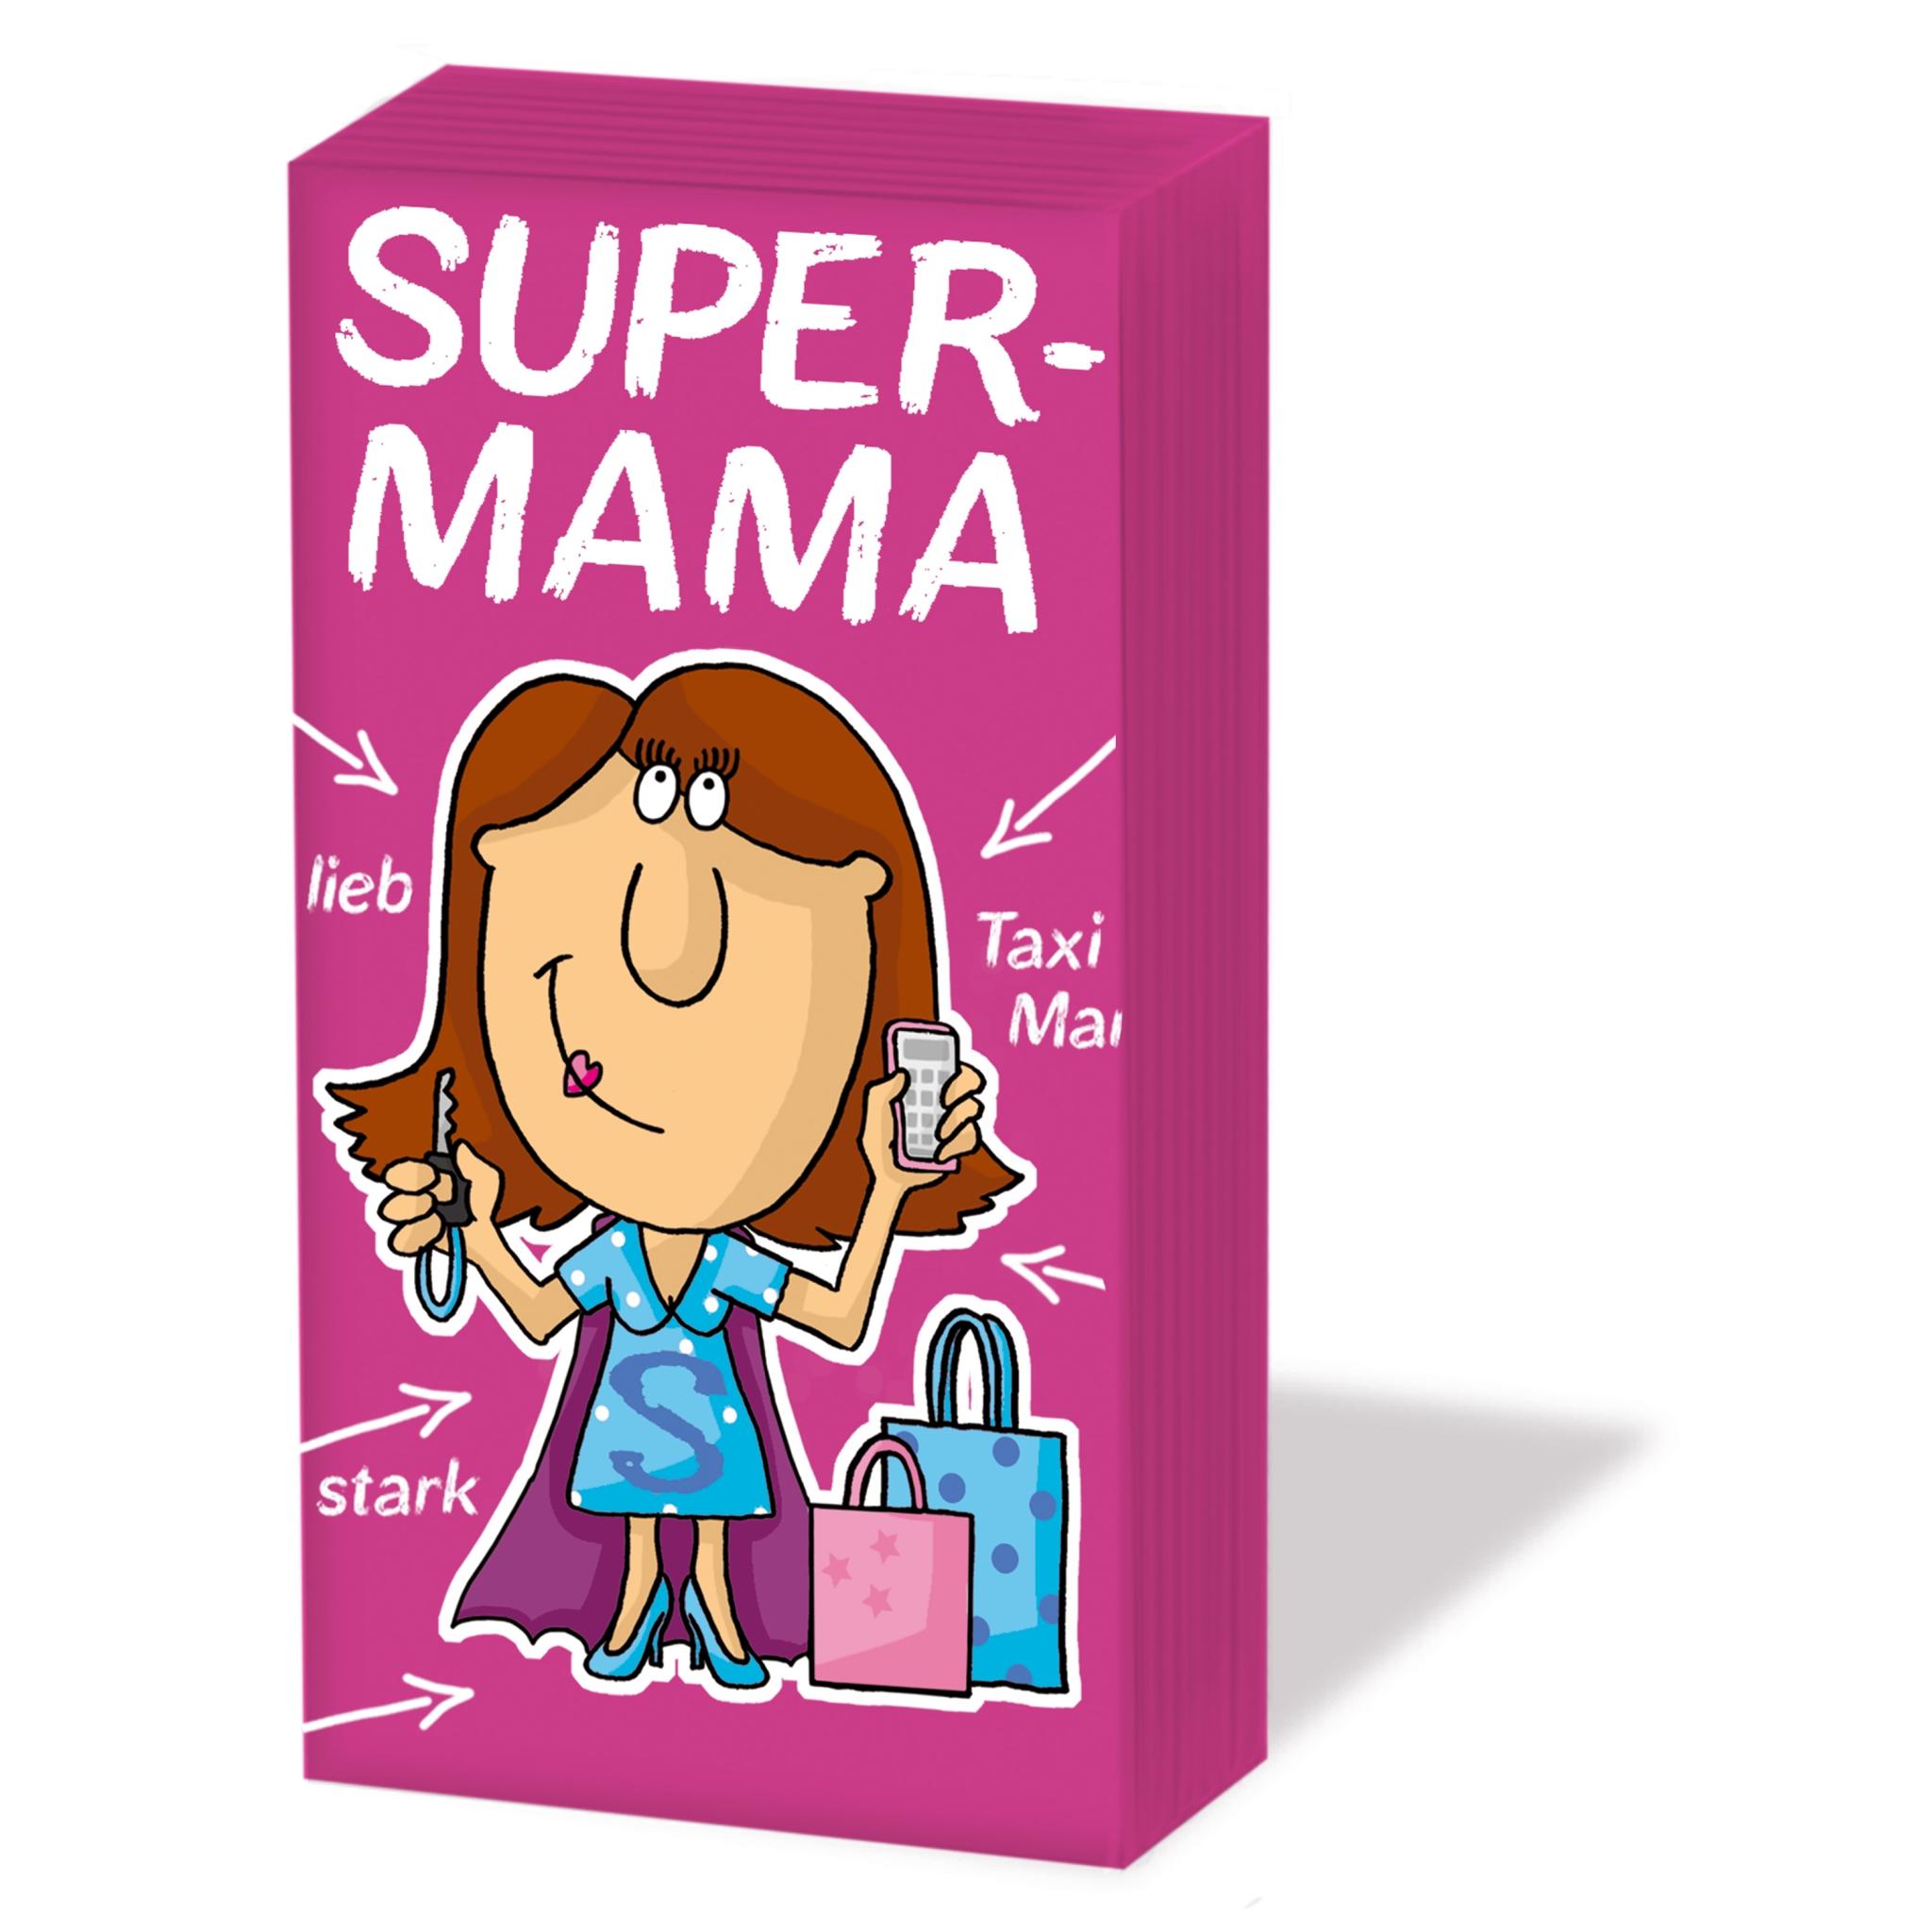 Taschentücher Super-Mama,  Sonstiges,  Everyday,  bedruckte papiertaschentücher